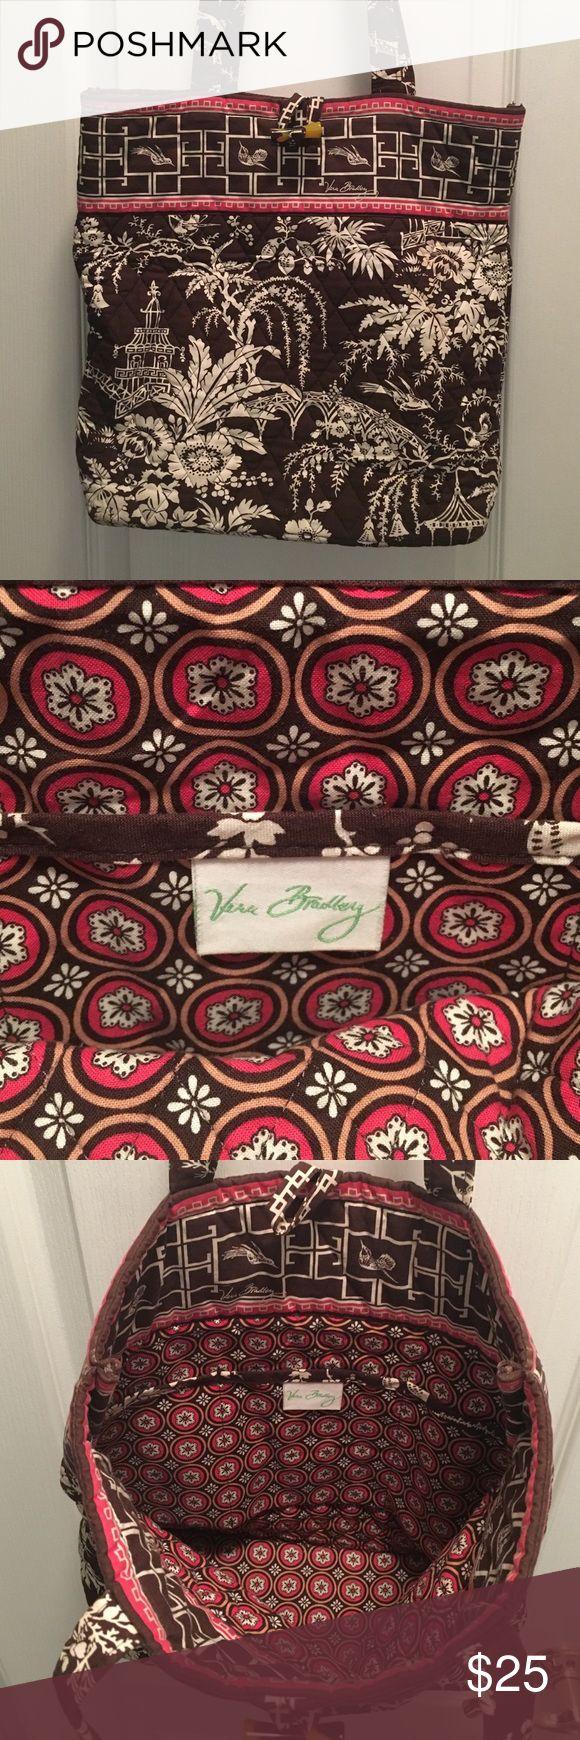 Vera Bradley Tote Bag Excellent condition Vera Bradley Tote bag. Barely used. Vera Bradley Bags Totes